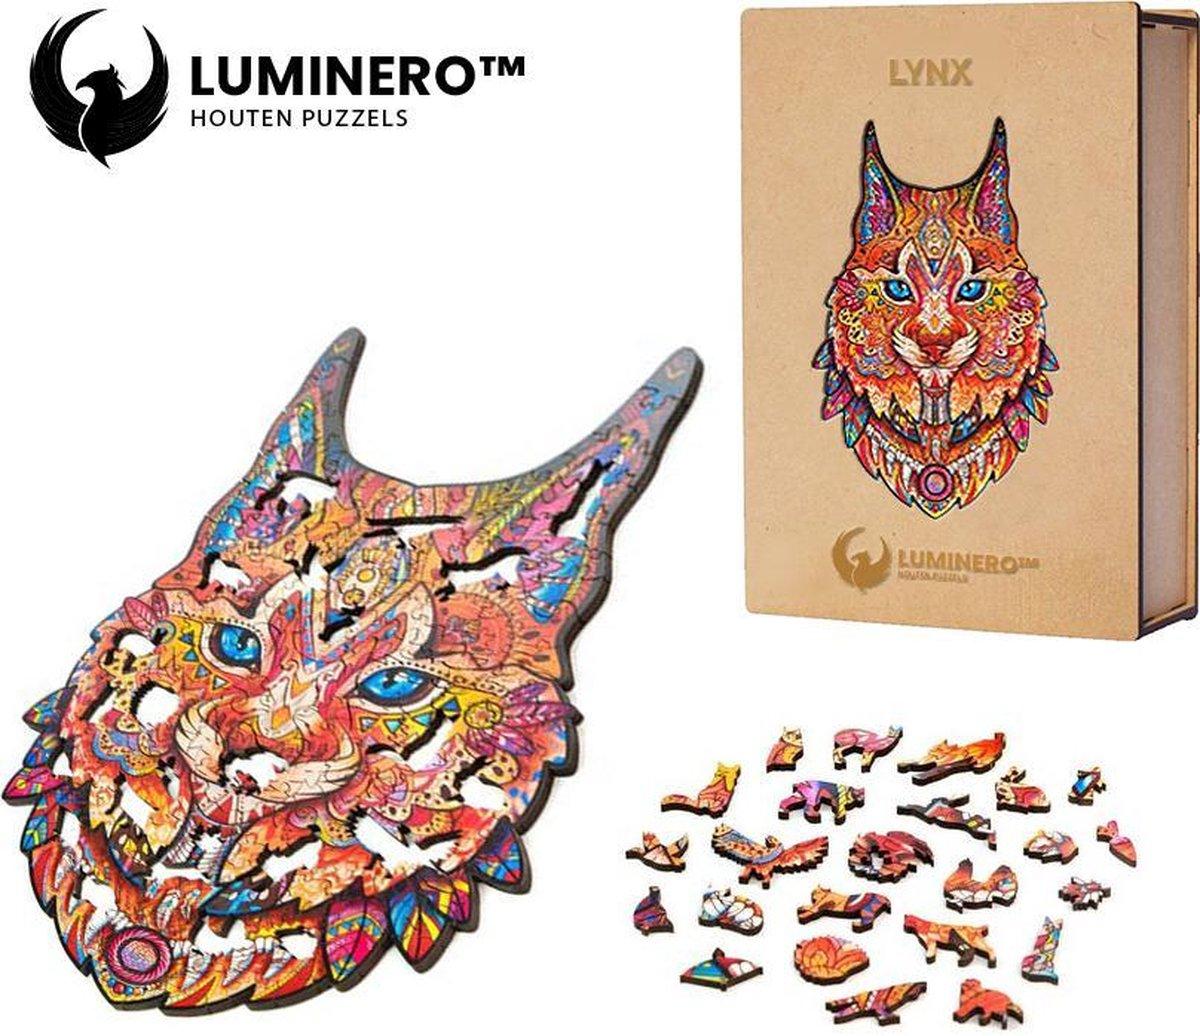 Luminero™ Houten Lynx Jigsaw Puzzel - A3 Formaat Jigsaw - Unieke 3D Puzzels - Huisdecoratie - Wooden Puzzle - Volwassenen & Kinderen - Incl. Houten Doos